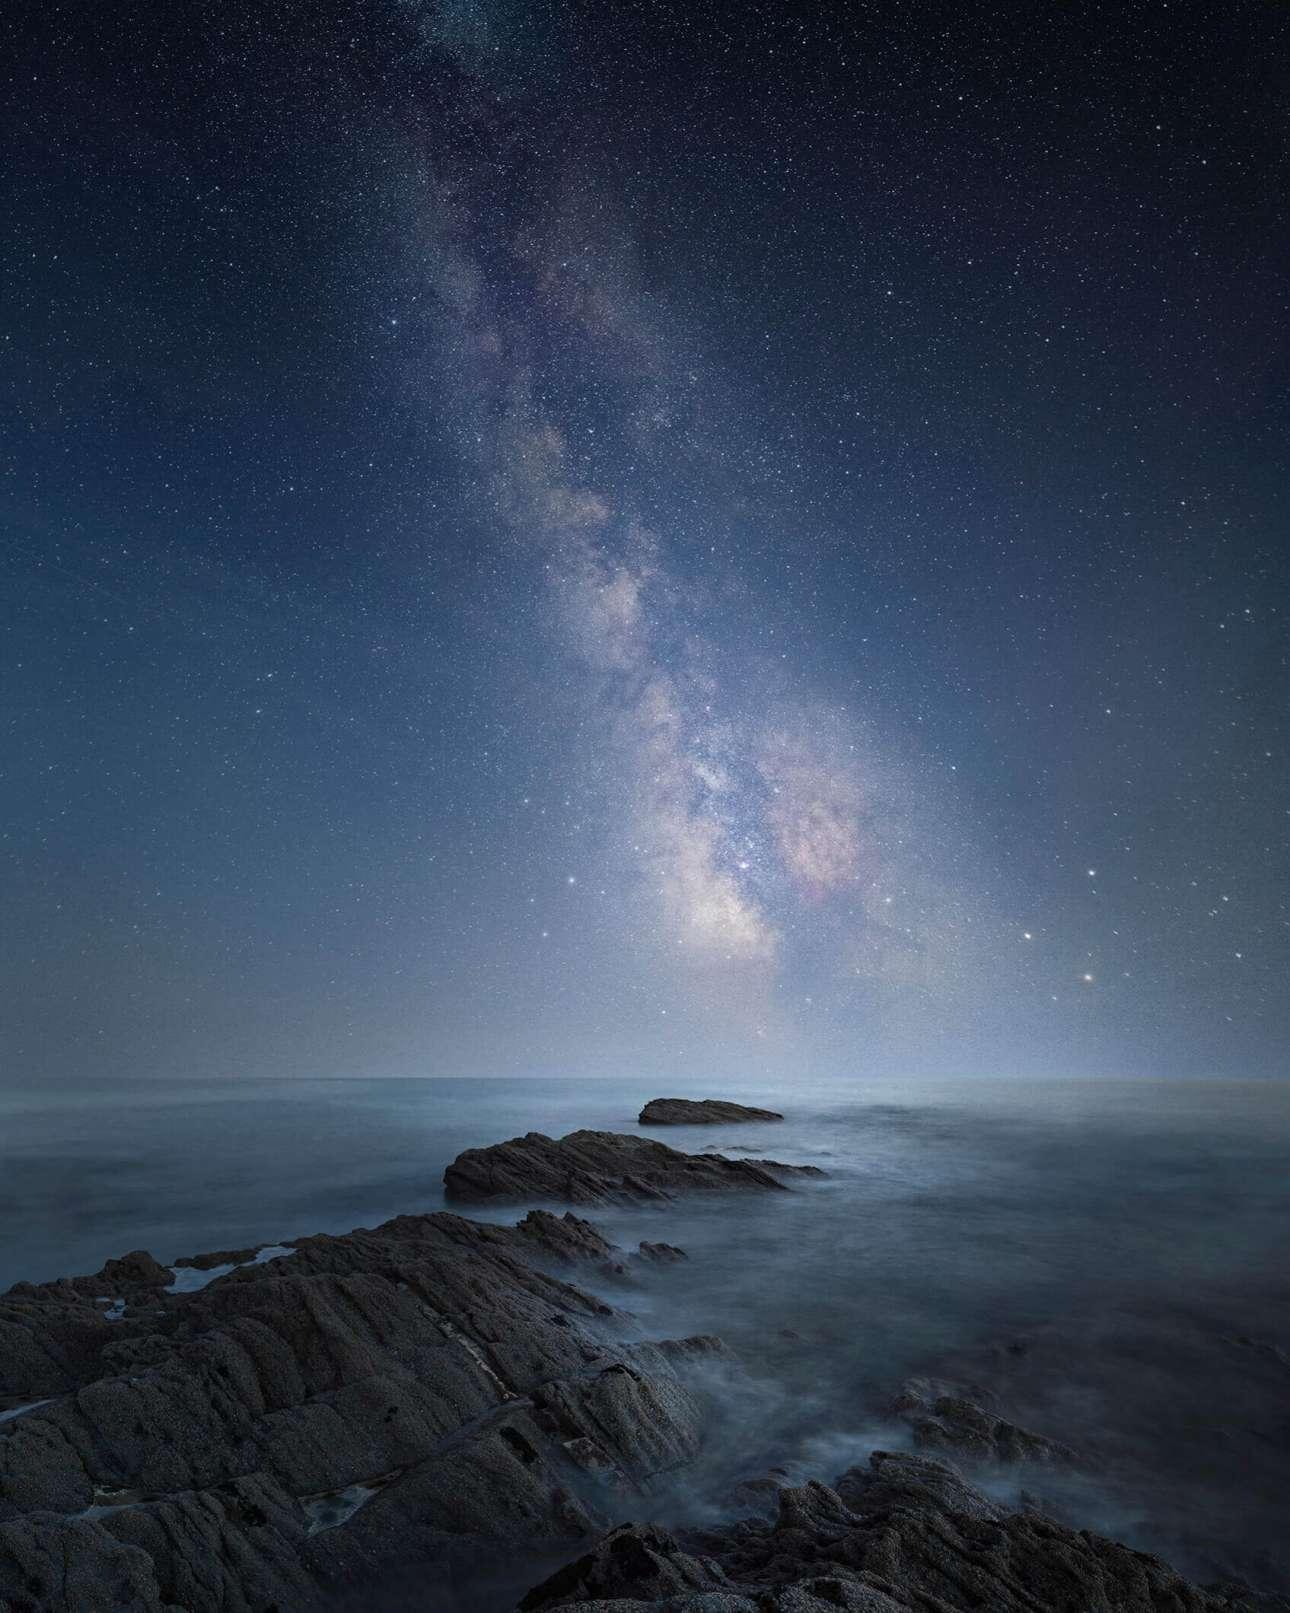 «Γαλαξιακό». Επαινος, κατηγορία «Θέα από την ακτή». Ενας ουρανός γεμάτος αστέρια φωτίζει τη θάλασσα